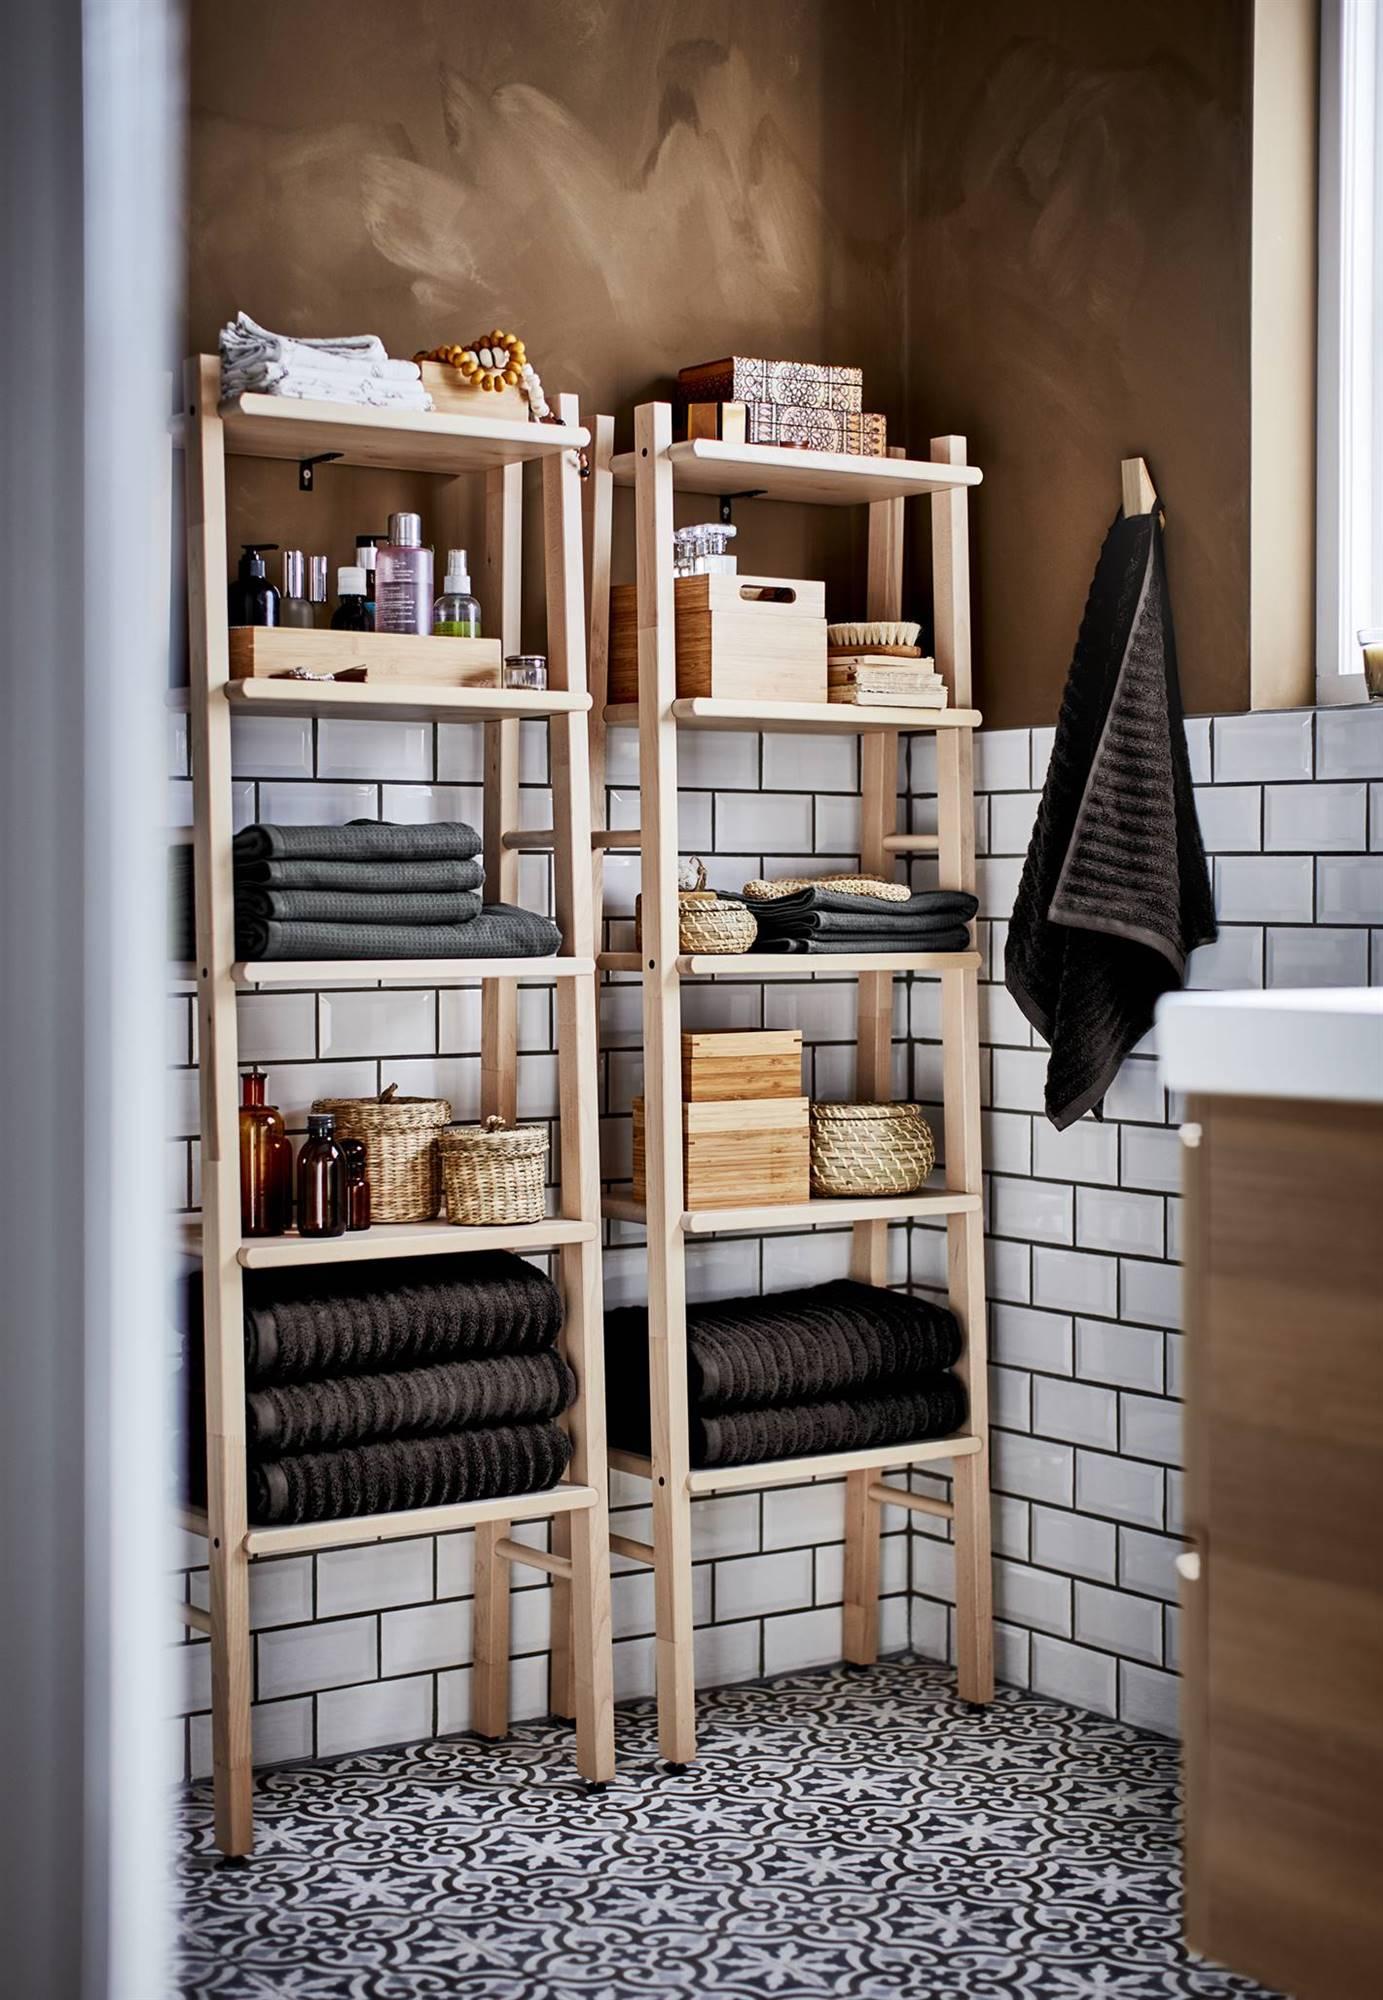 ikea estanterías y muebles para el baño